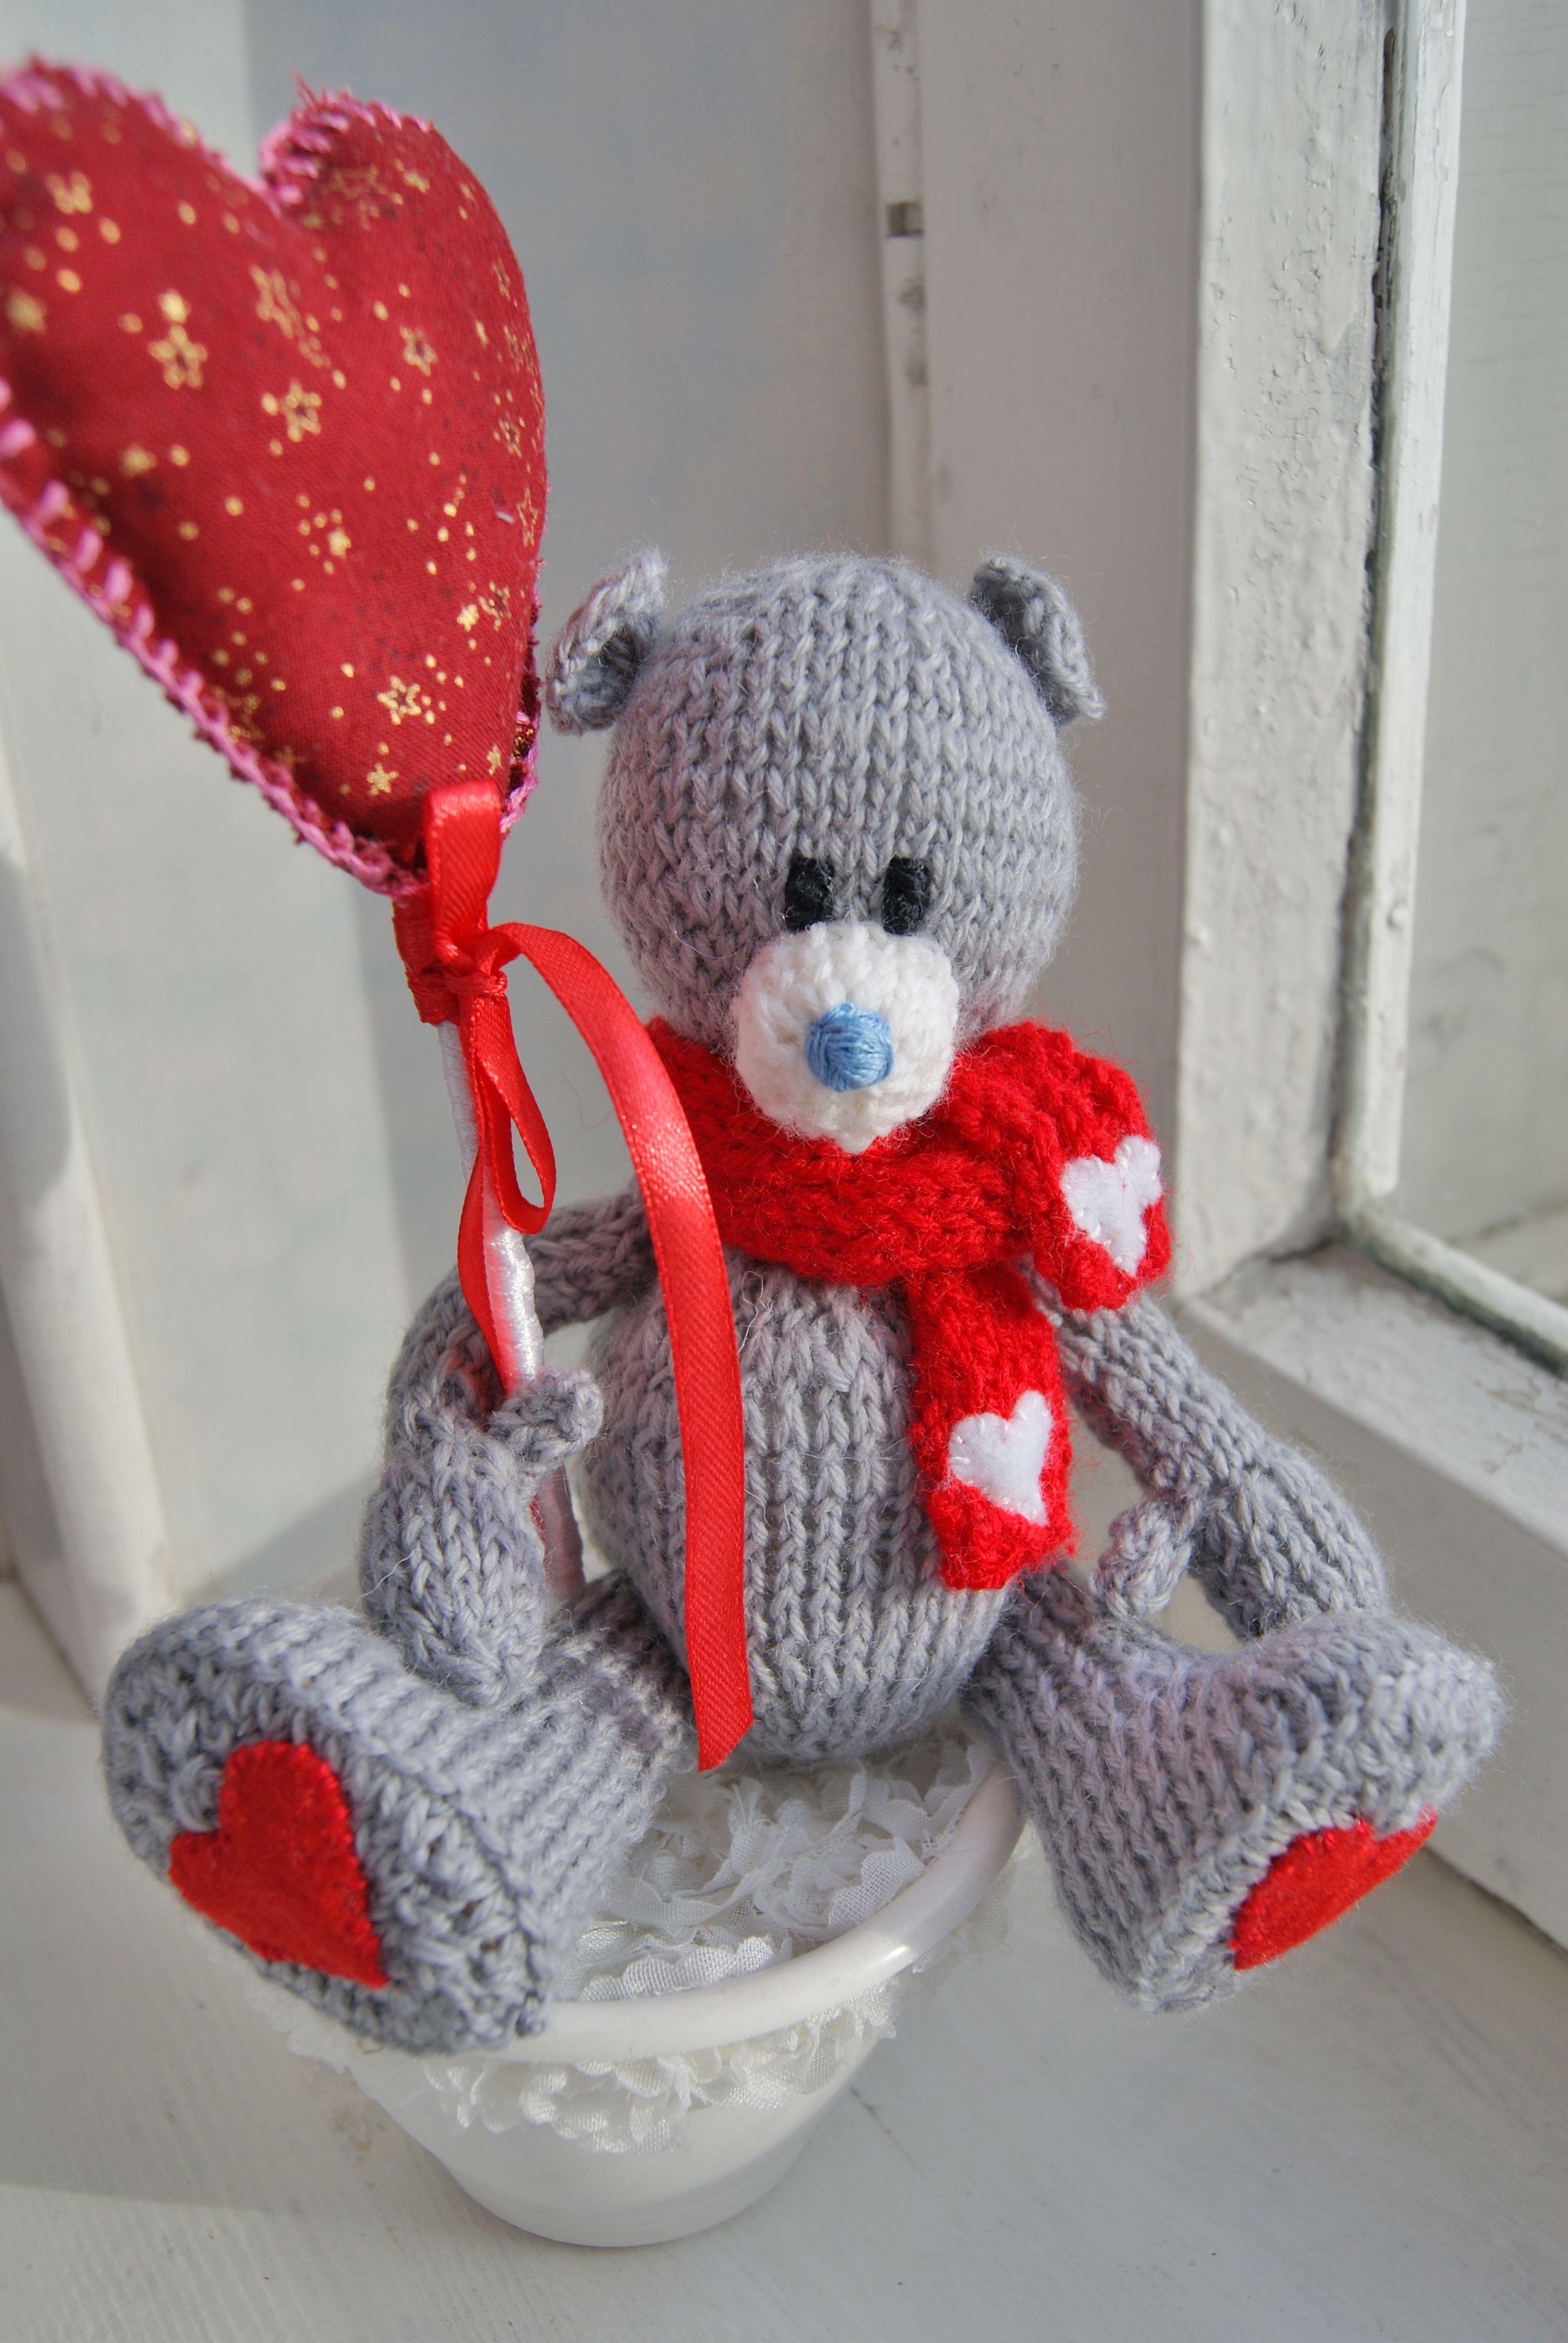 toy gift children warn interiortoy bear knit